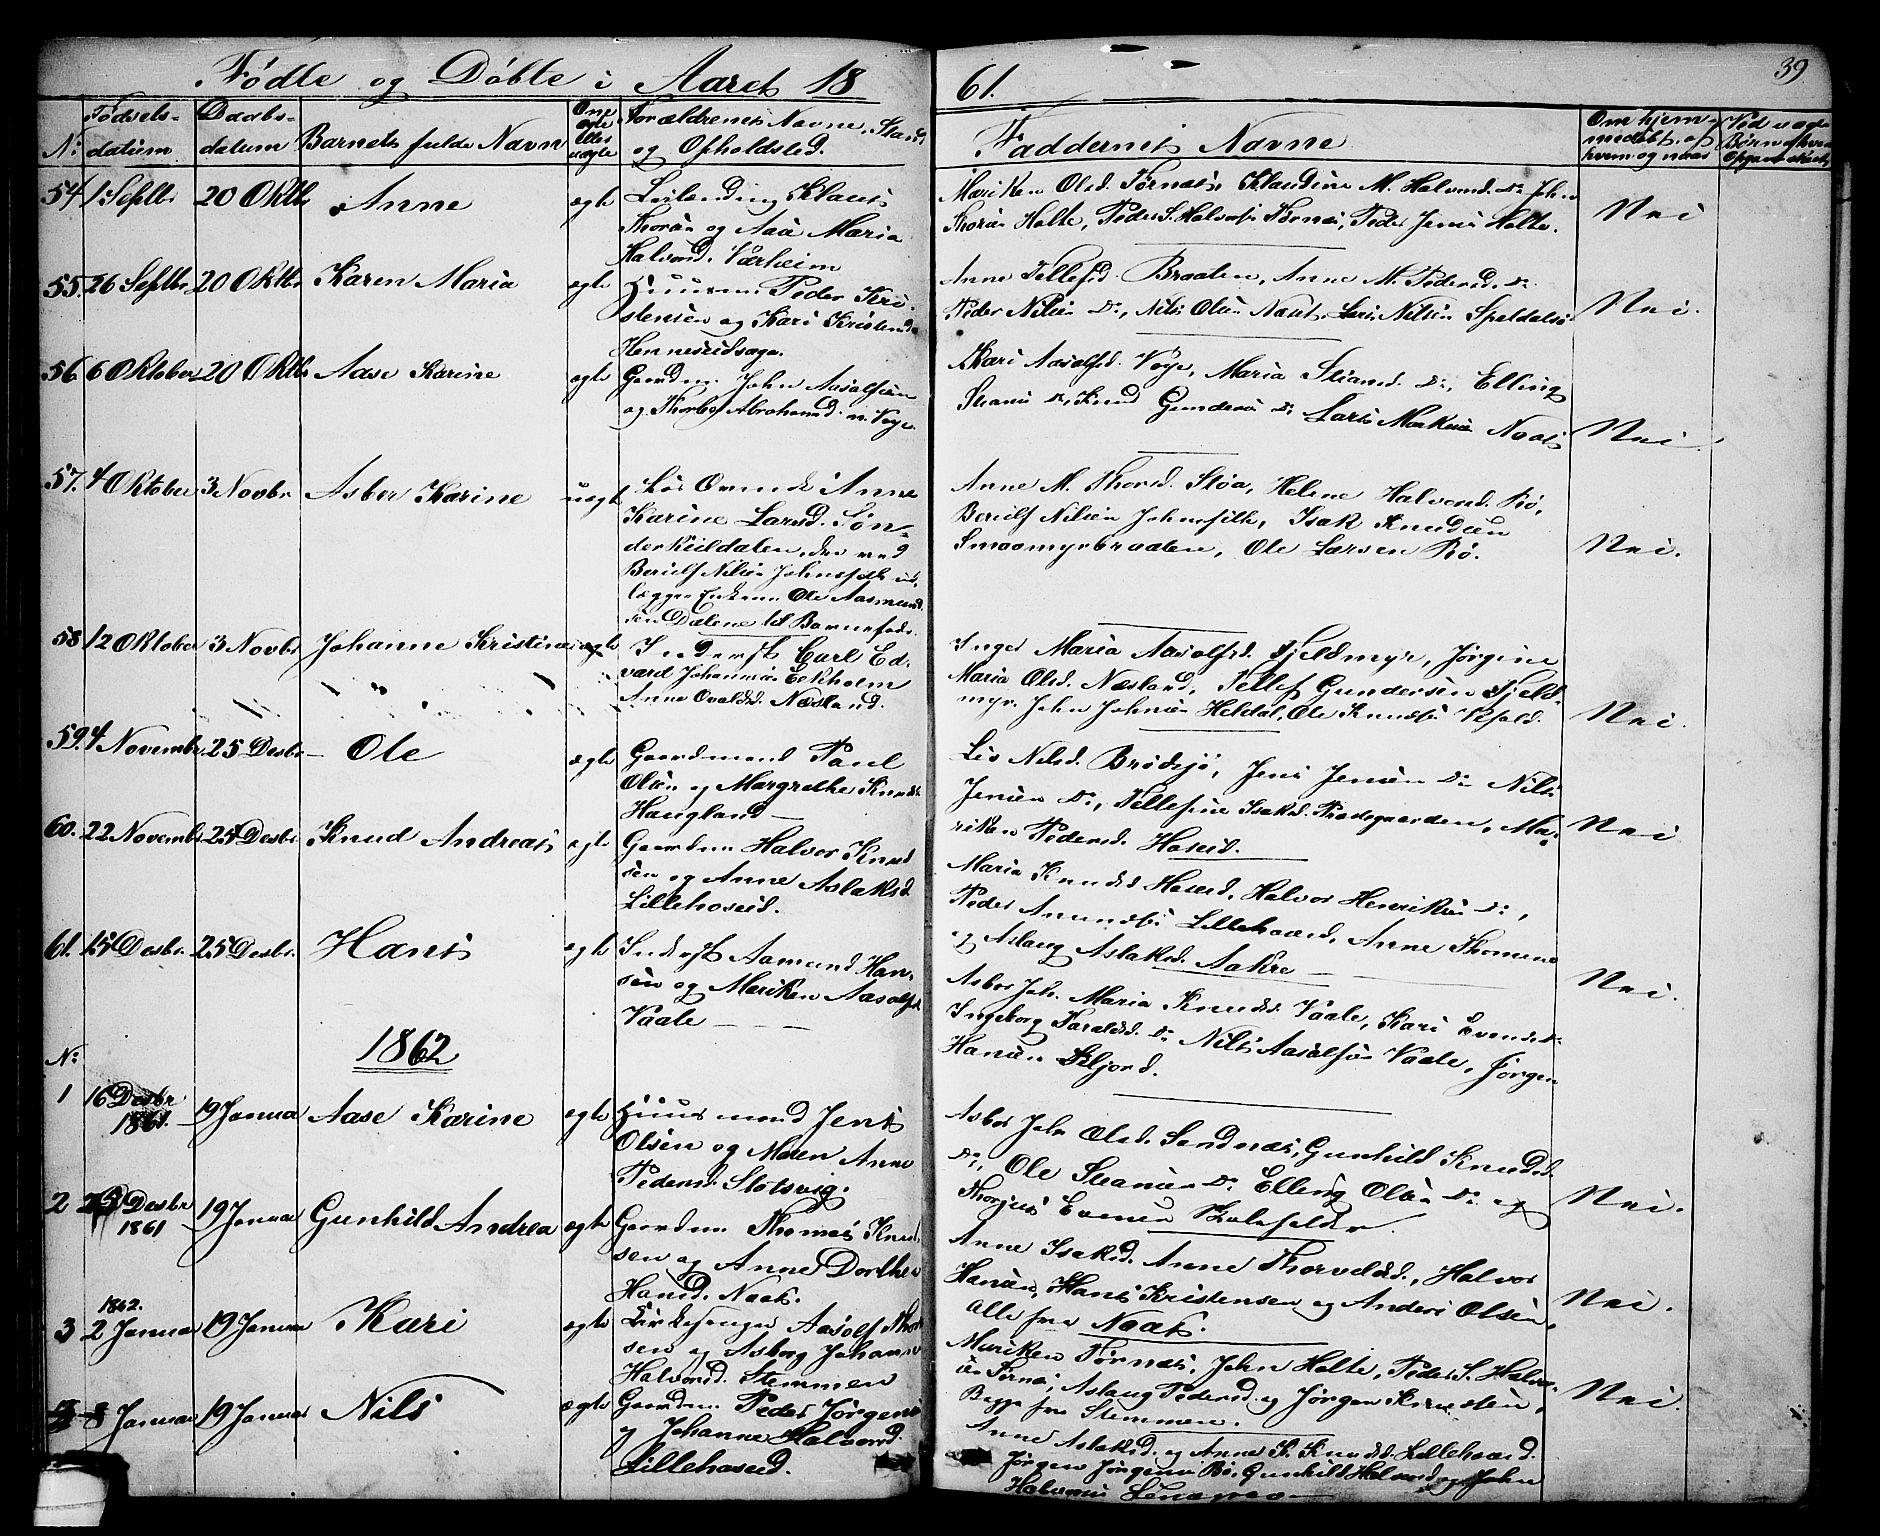 SAKO, Drangedal kirkebøker, G/Ga/L0002: Klokkerbok nr. I 2, 1856-1887, s. 39